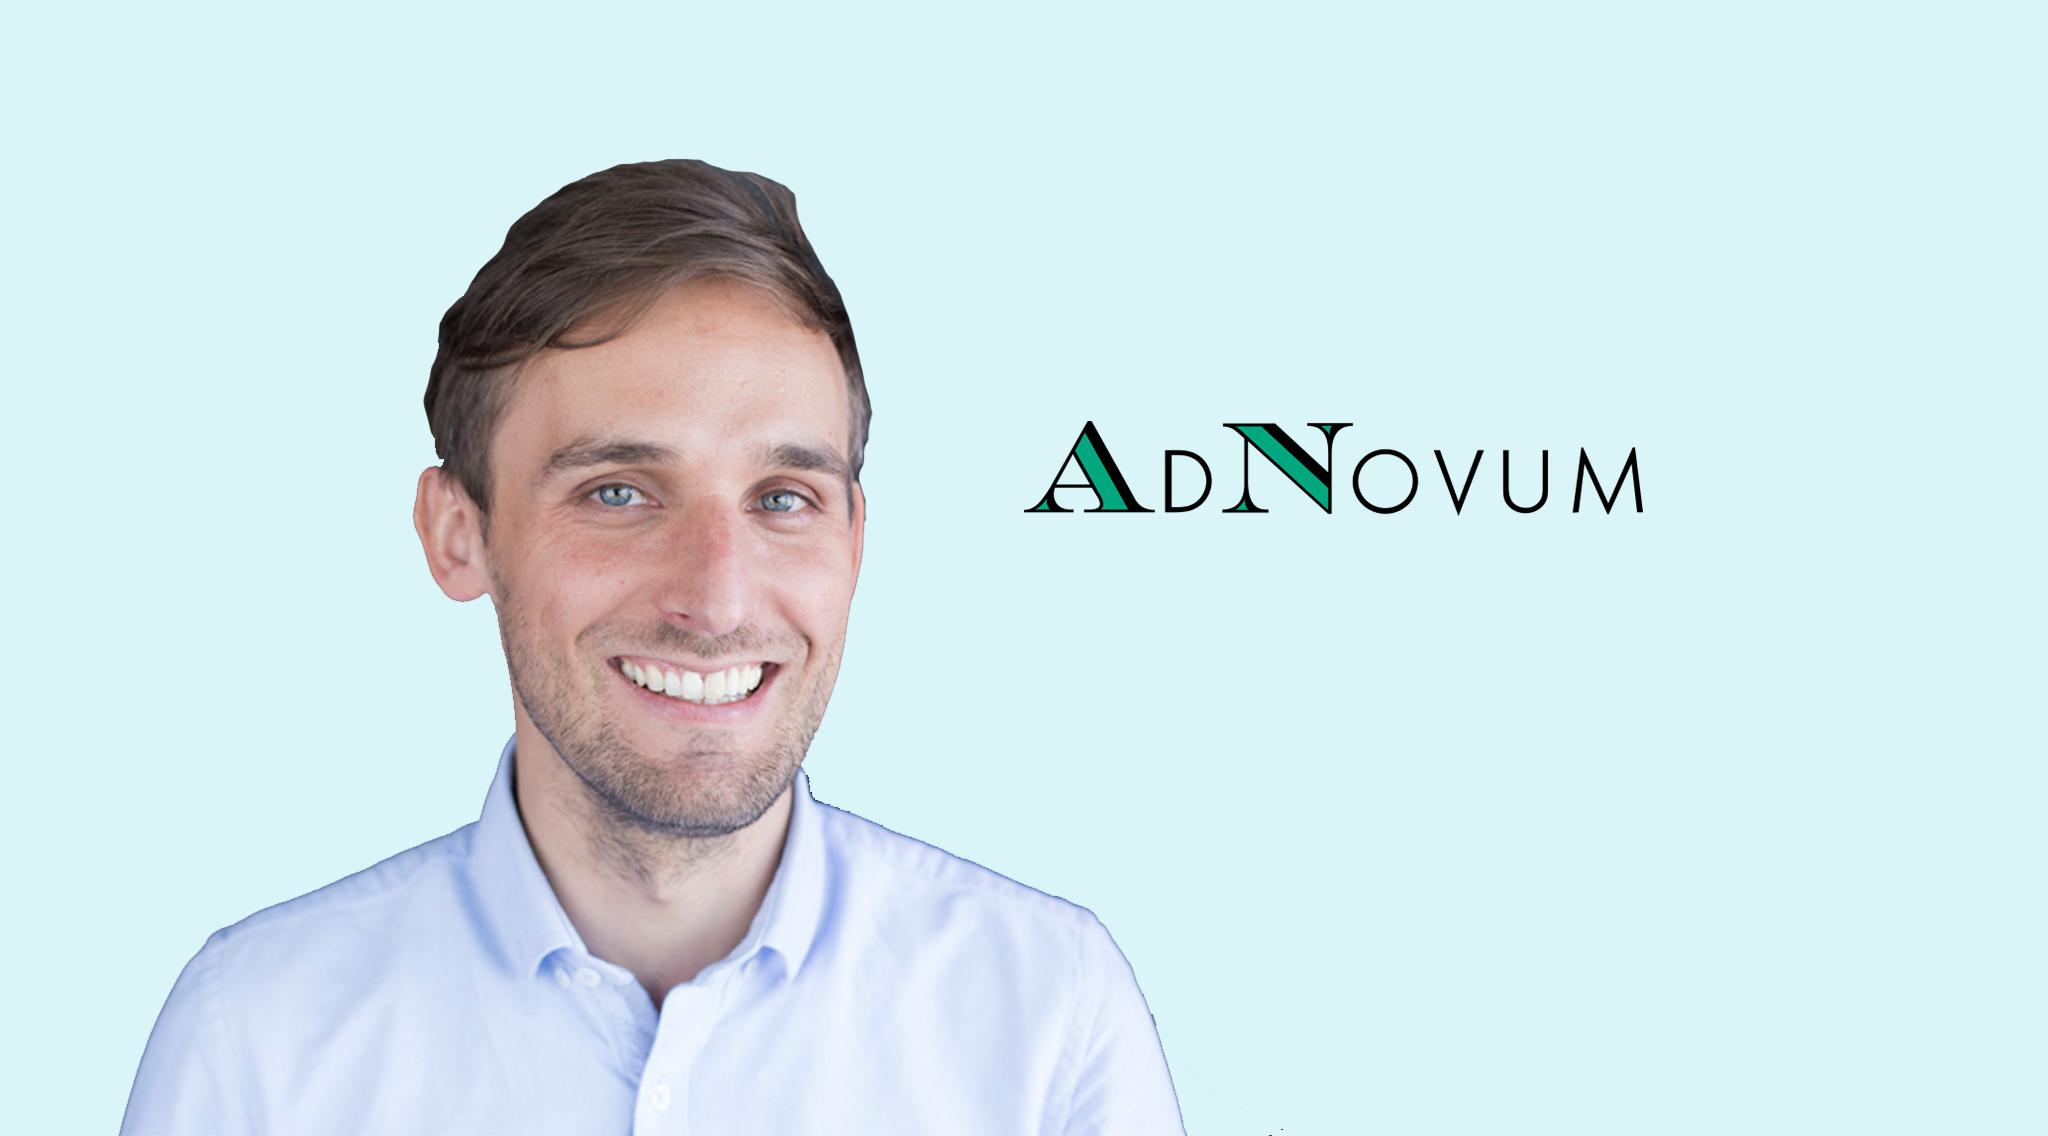 AdNovum Appoints Appway Exec as Its New Chief Marketing Officer | Fintech Schweiz Digital Finance News – FintechNewsCH